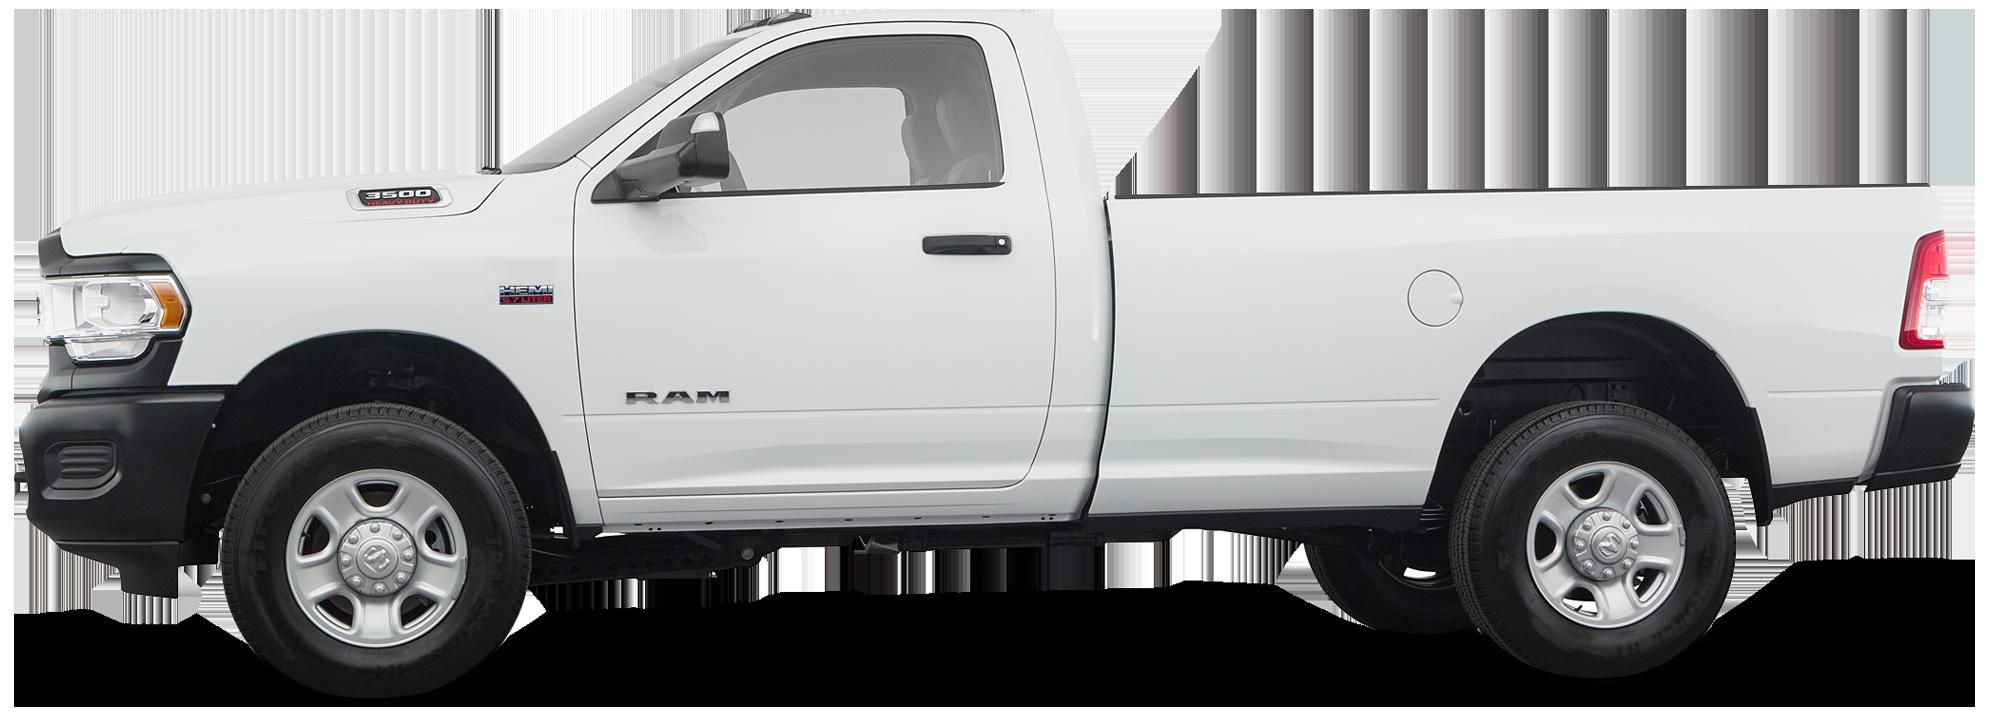 2019 Ram 3500 Camion Tradesman